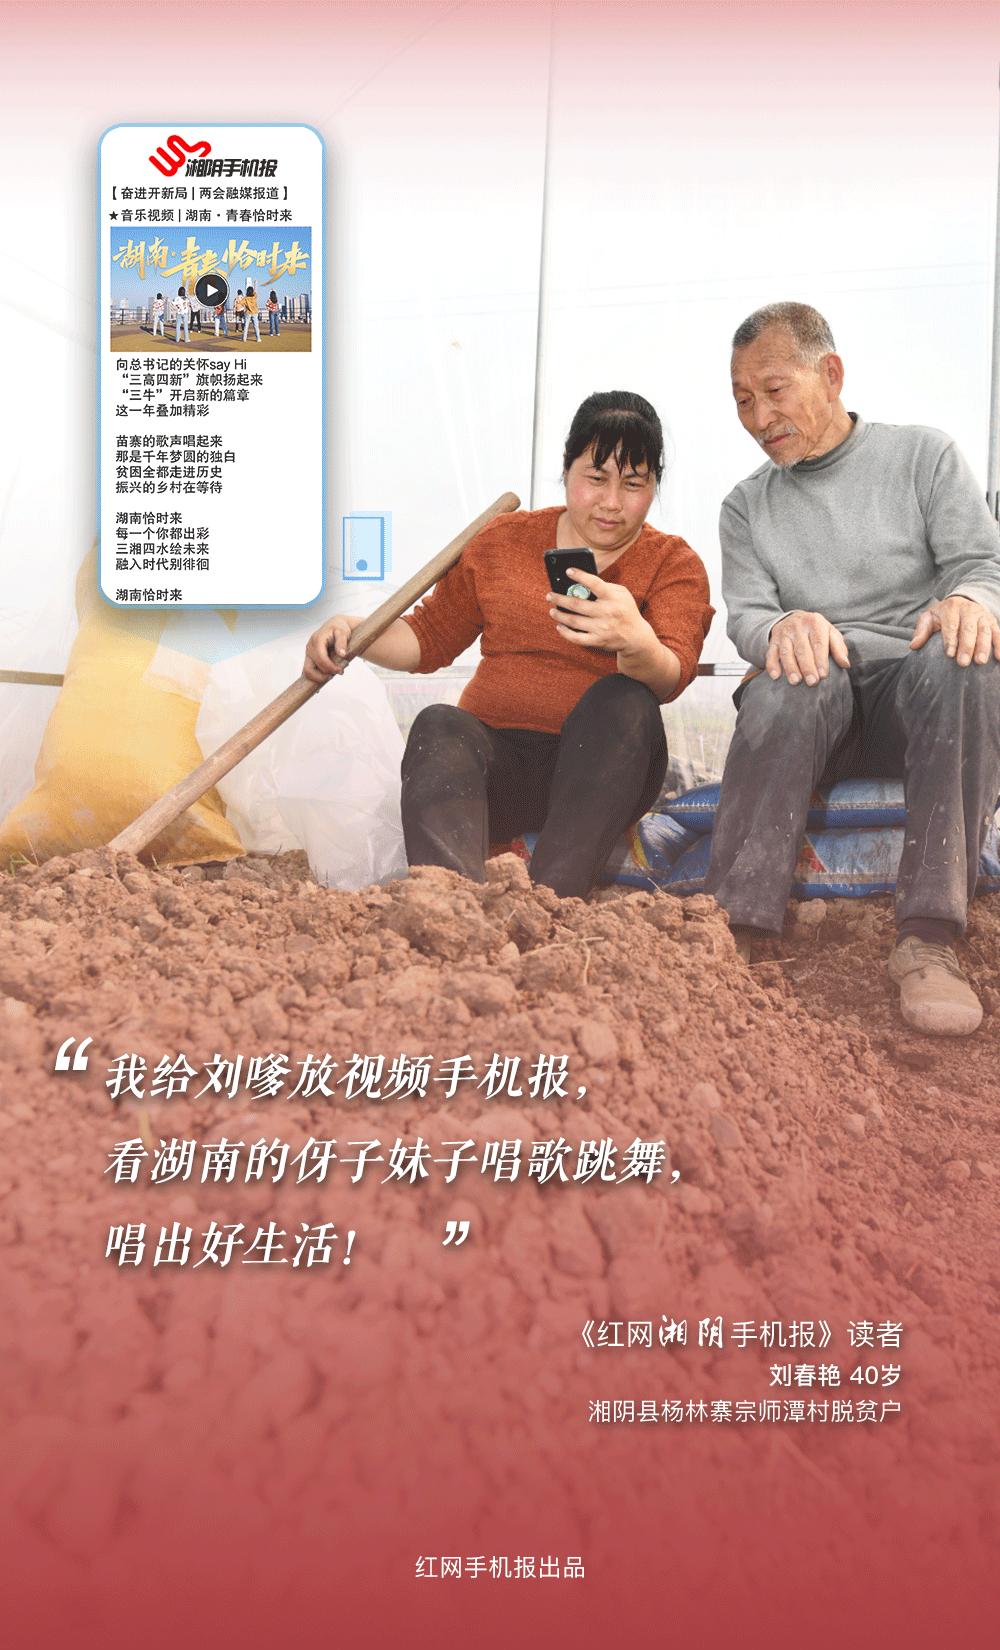 手机报读者海报湘阴.png